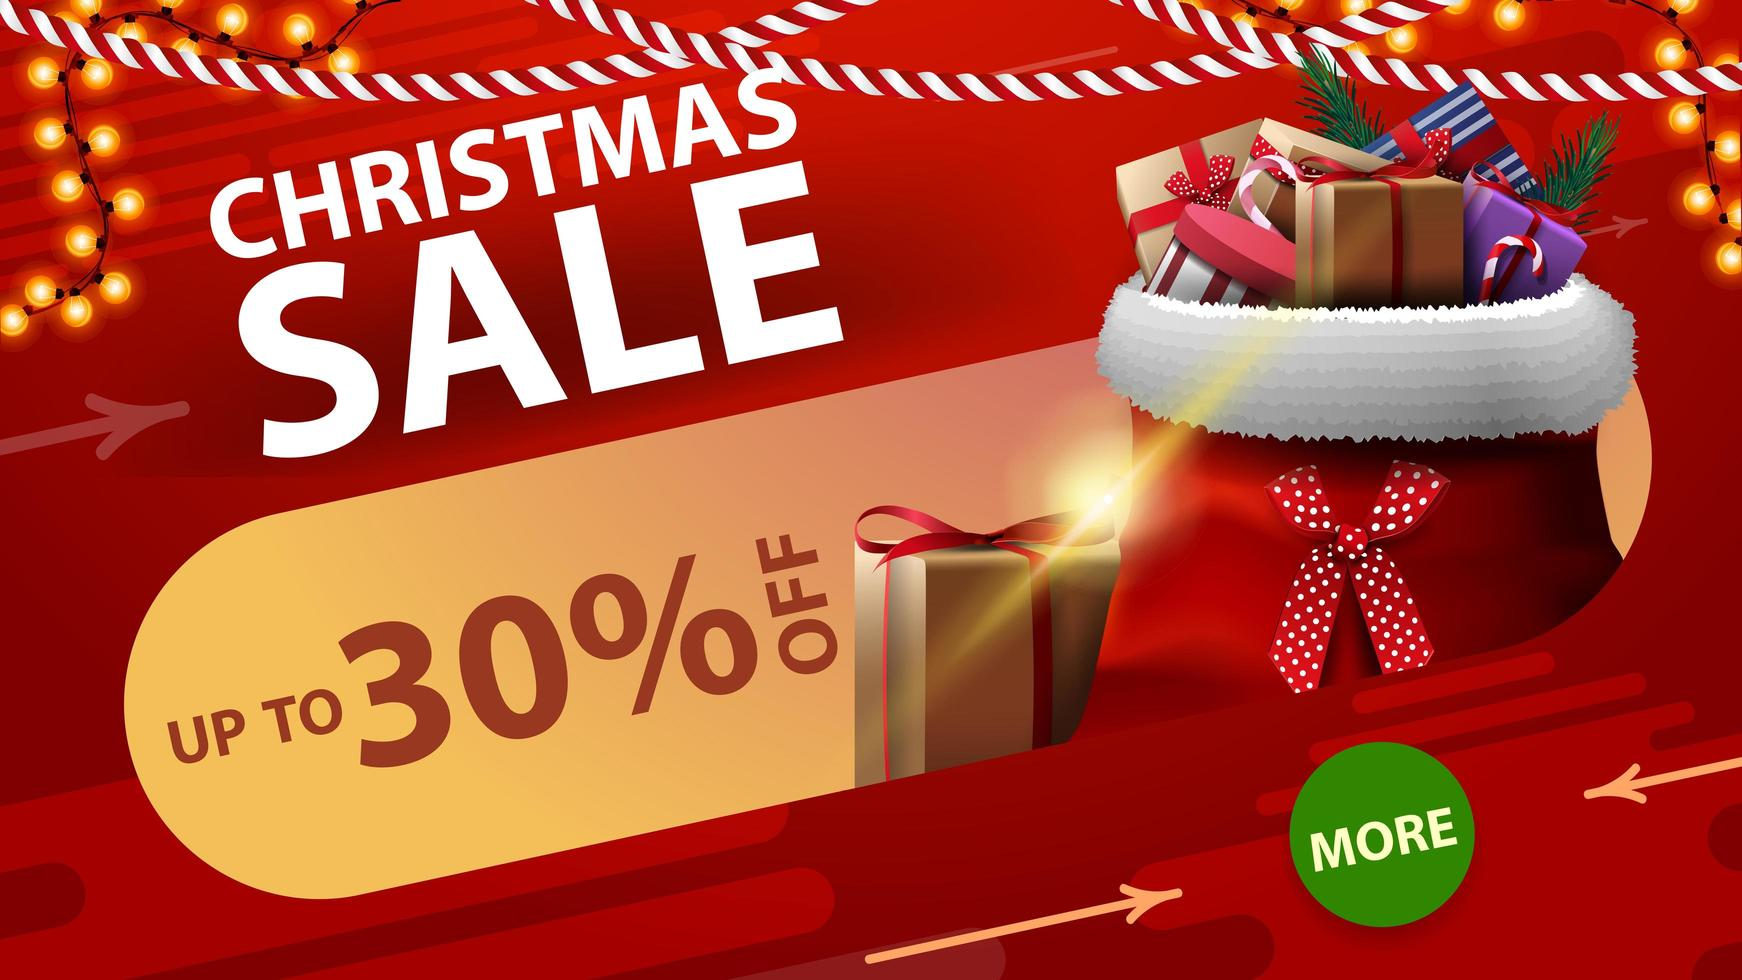 Weihnachtsverkauf, bis zu 30 Rabatt, rotes Rabatt-Banner mit rundem grünem Knopf, Girlanden und Weihnachtsmann-Tasche mit Geschenken vektor